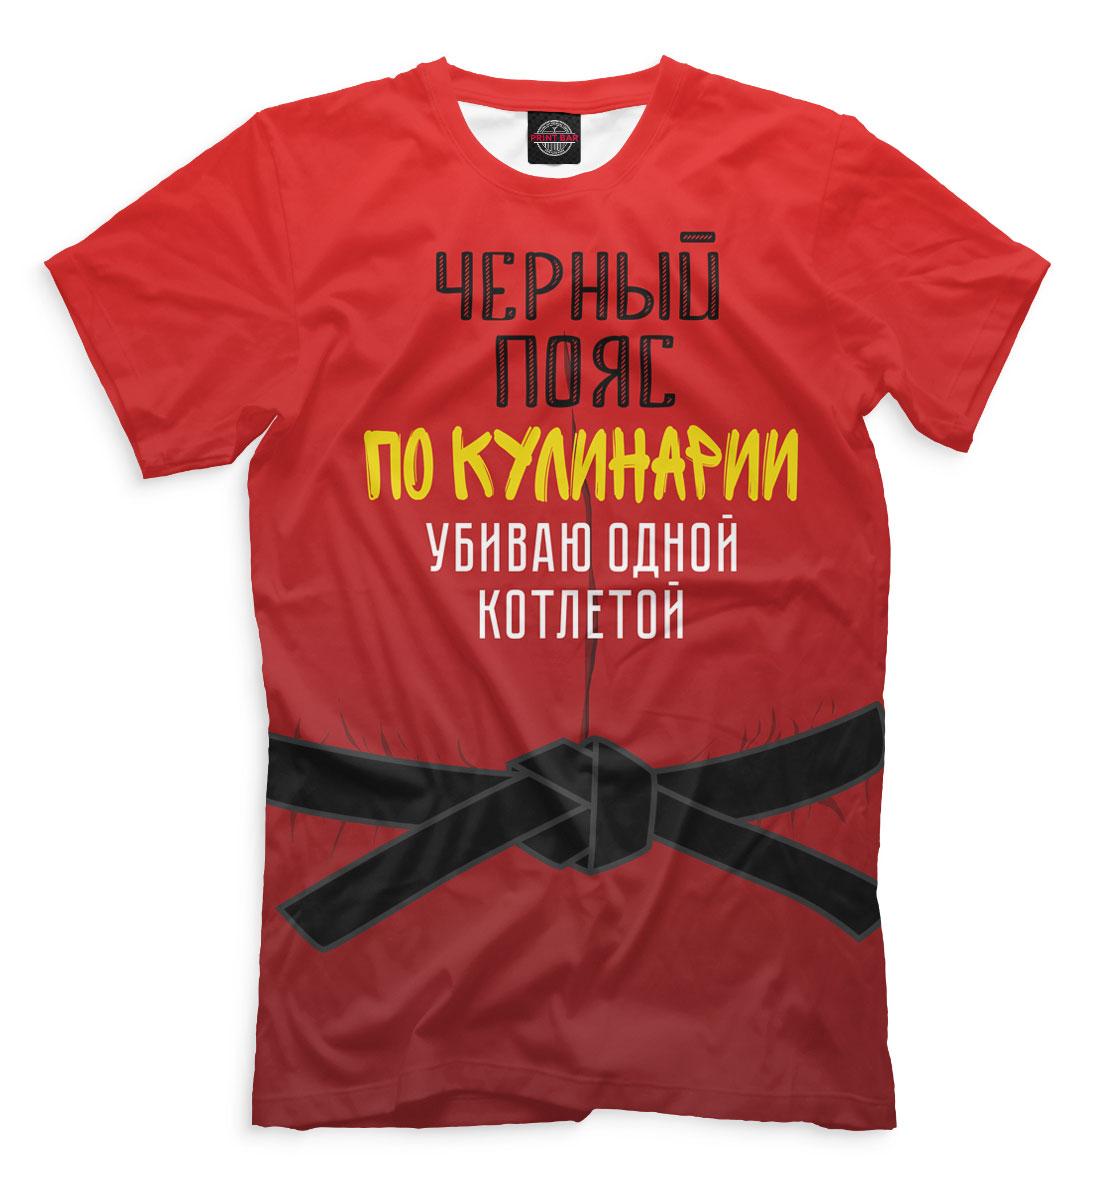 Купить Черный пояс, Printbar, Футболки, PVR-620396-fut-2